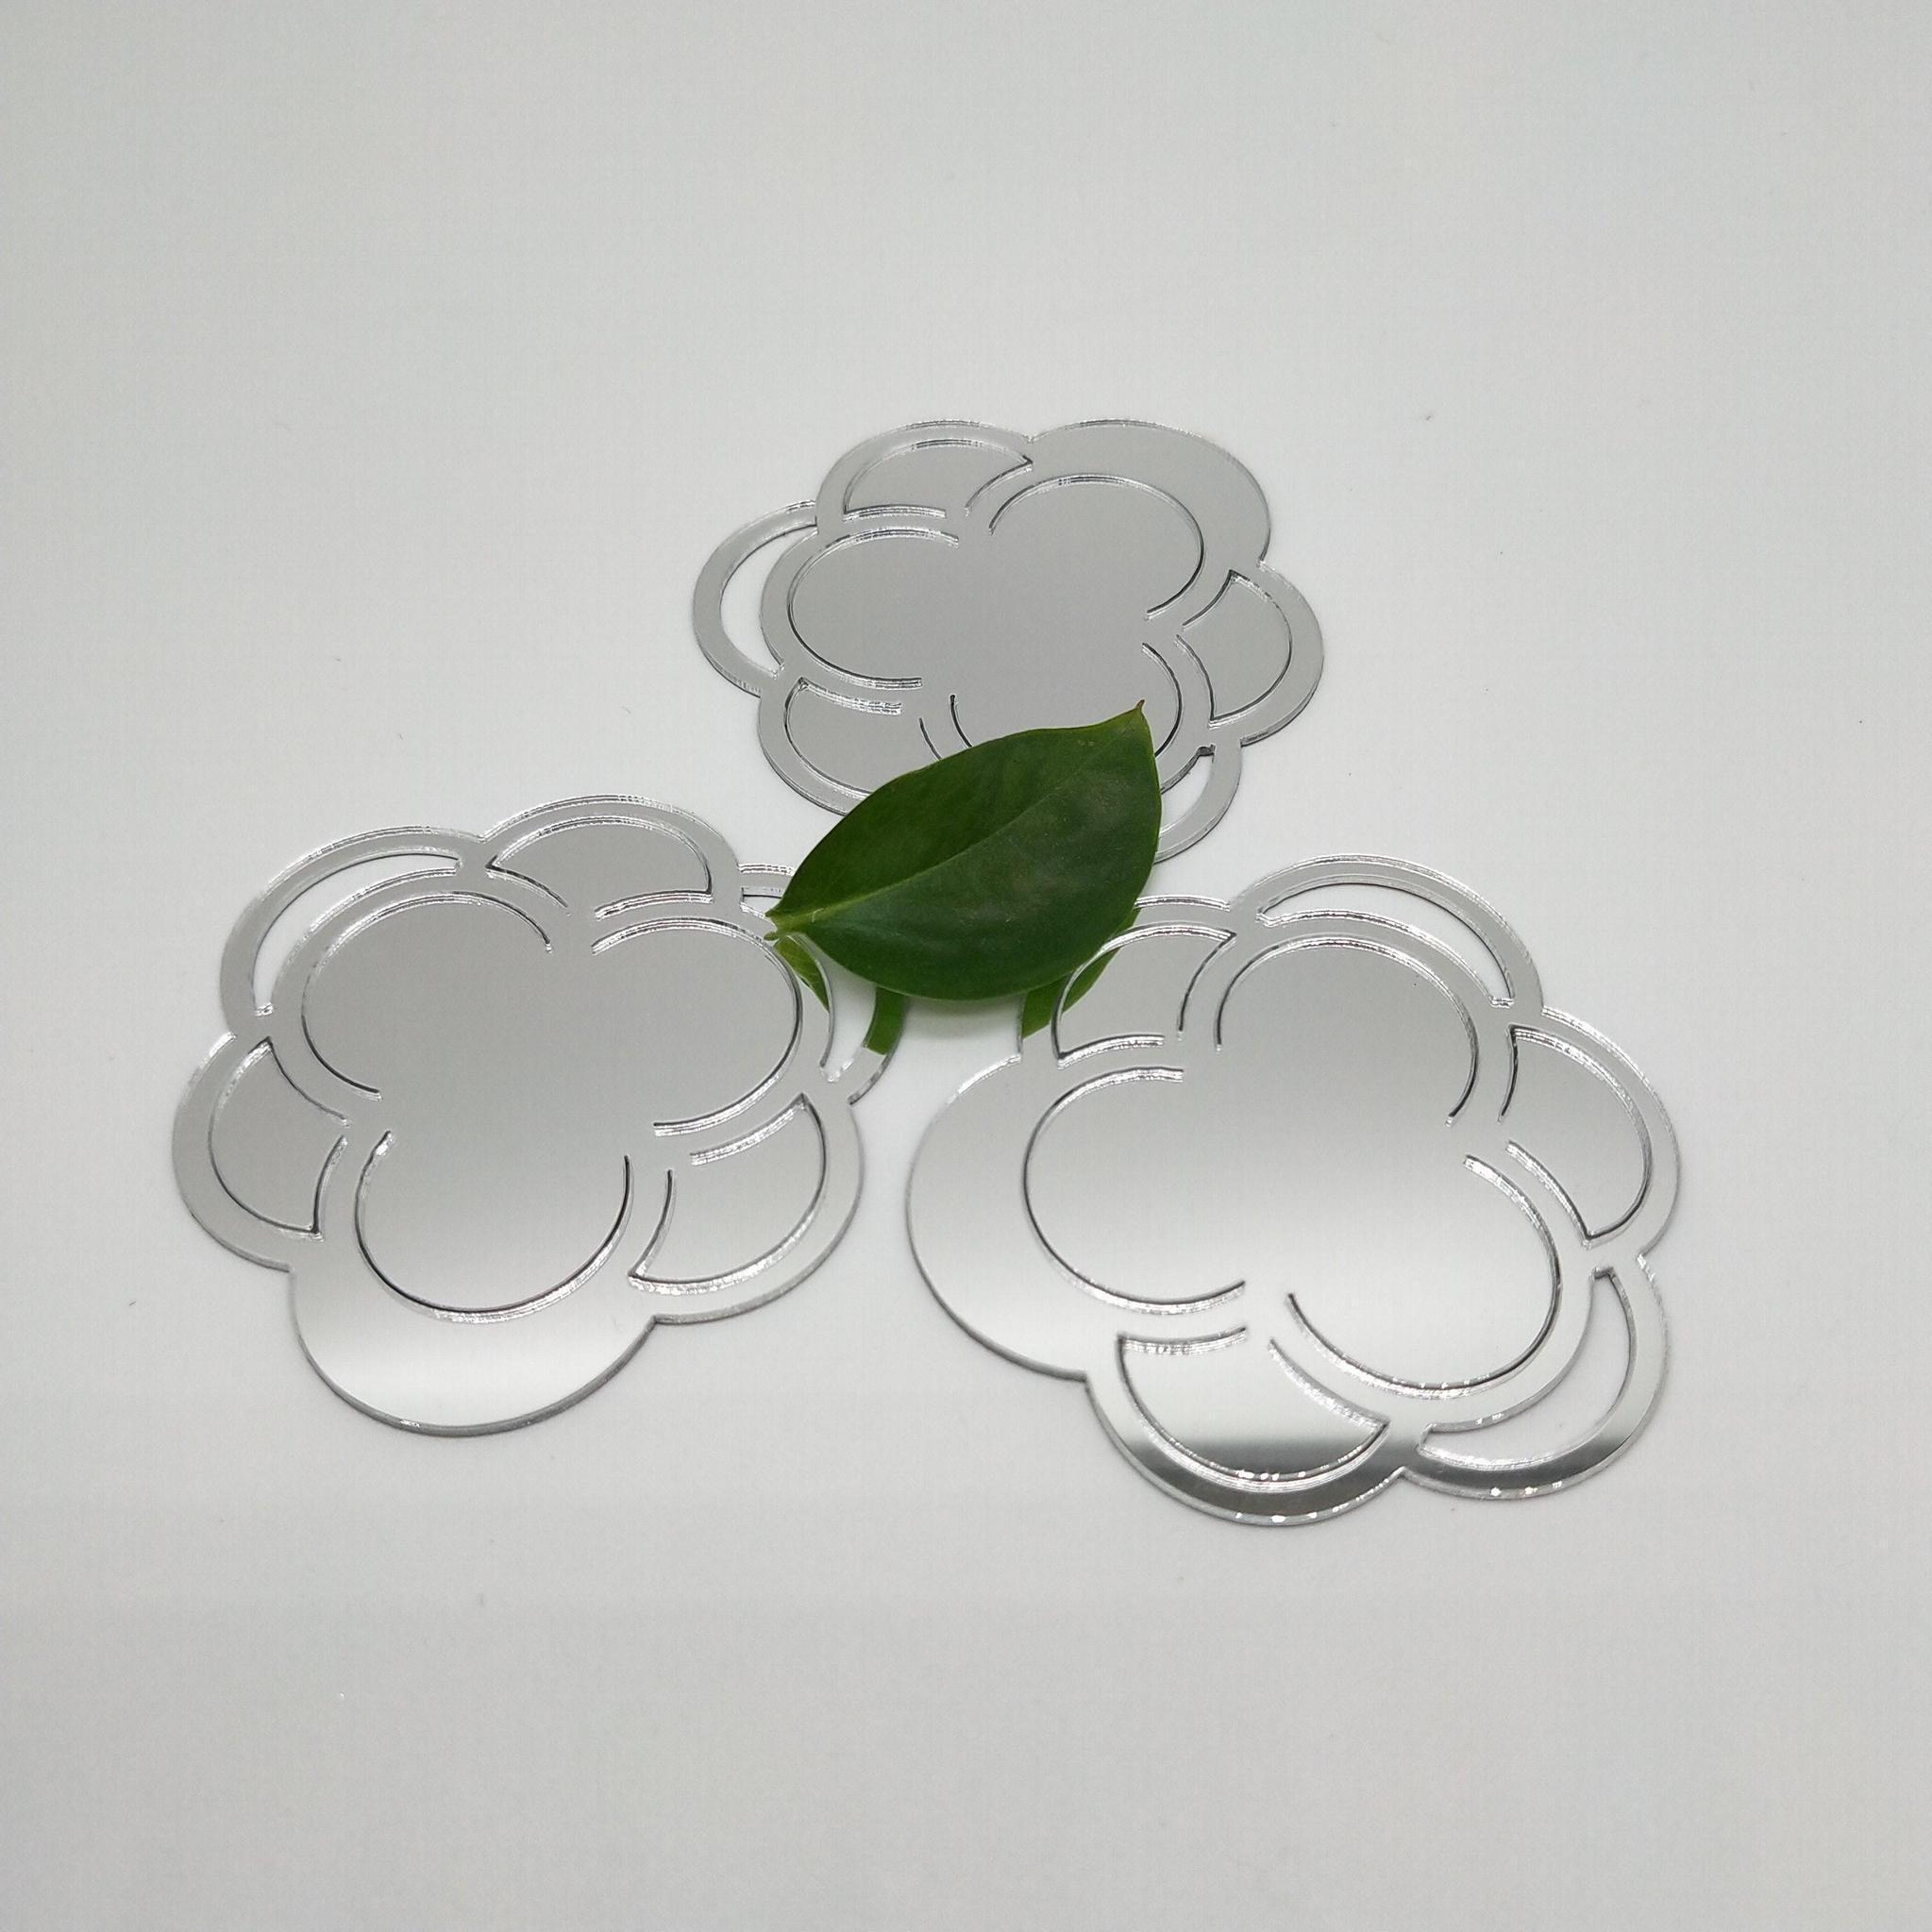 廠家直銷PMMA銀色自粘鏡片亞克力反光鏡片加工定製 2